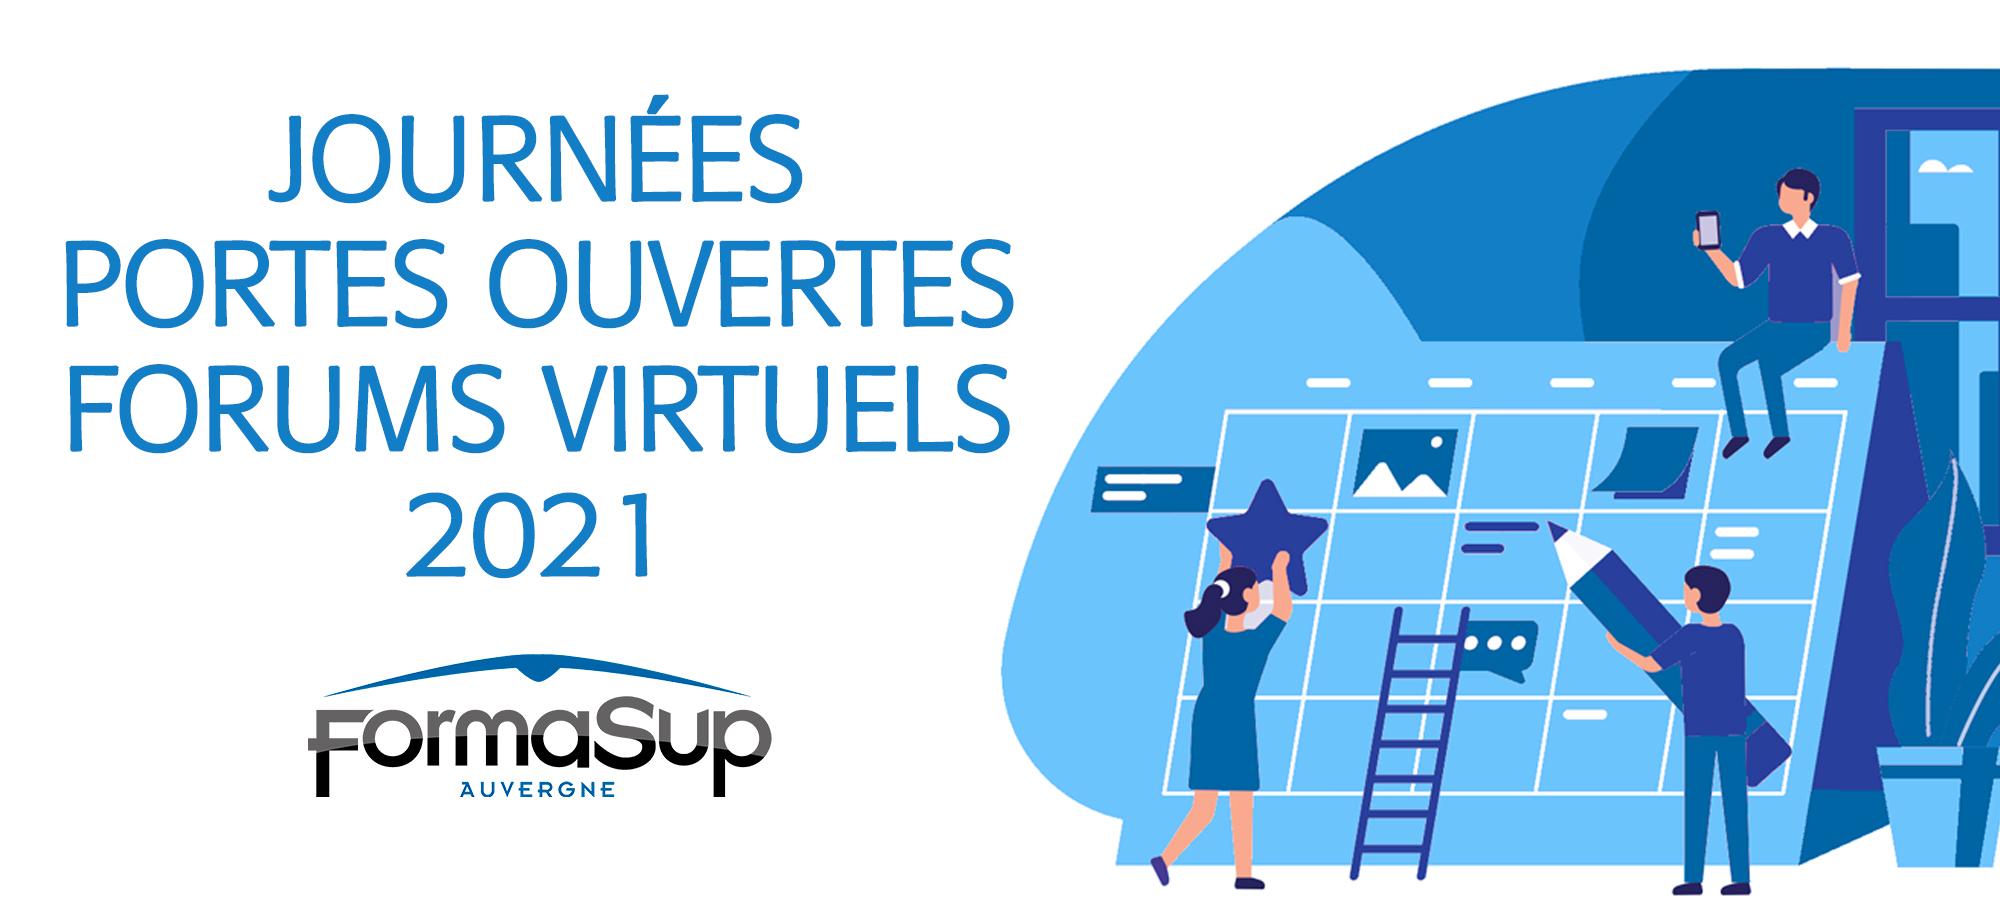 Journées Portes Ouvertes et forums virtuels 2021